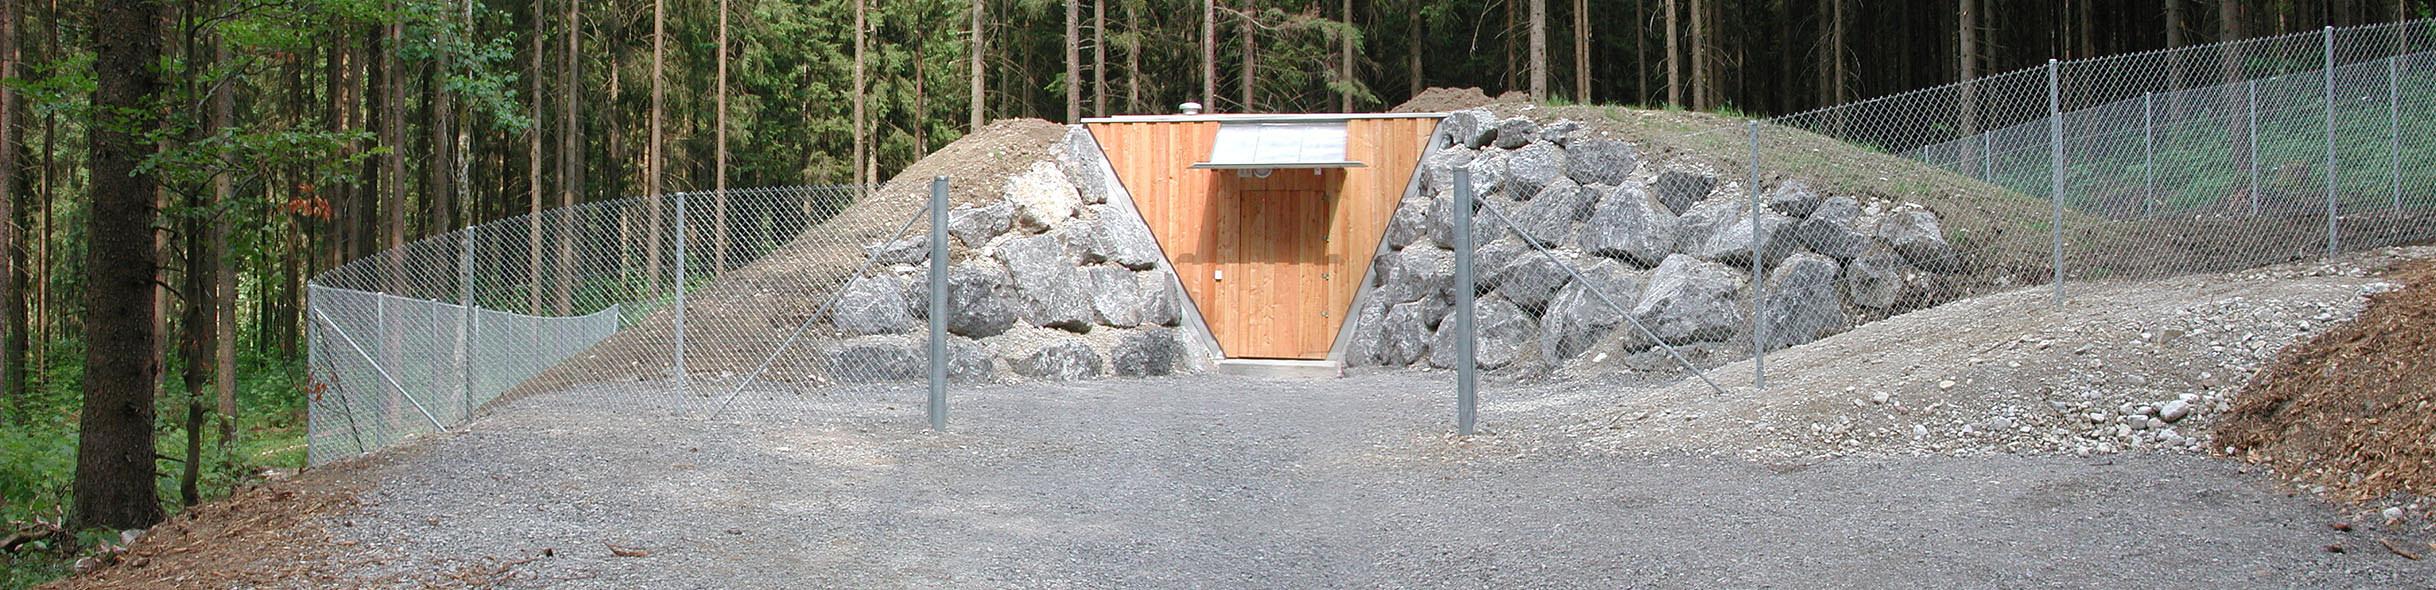 INFRA - Ingenieurbüro für Infrastruktur - Brunnen Schliersee